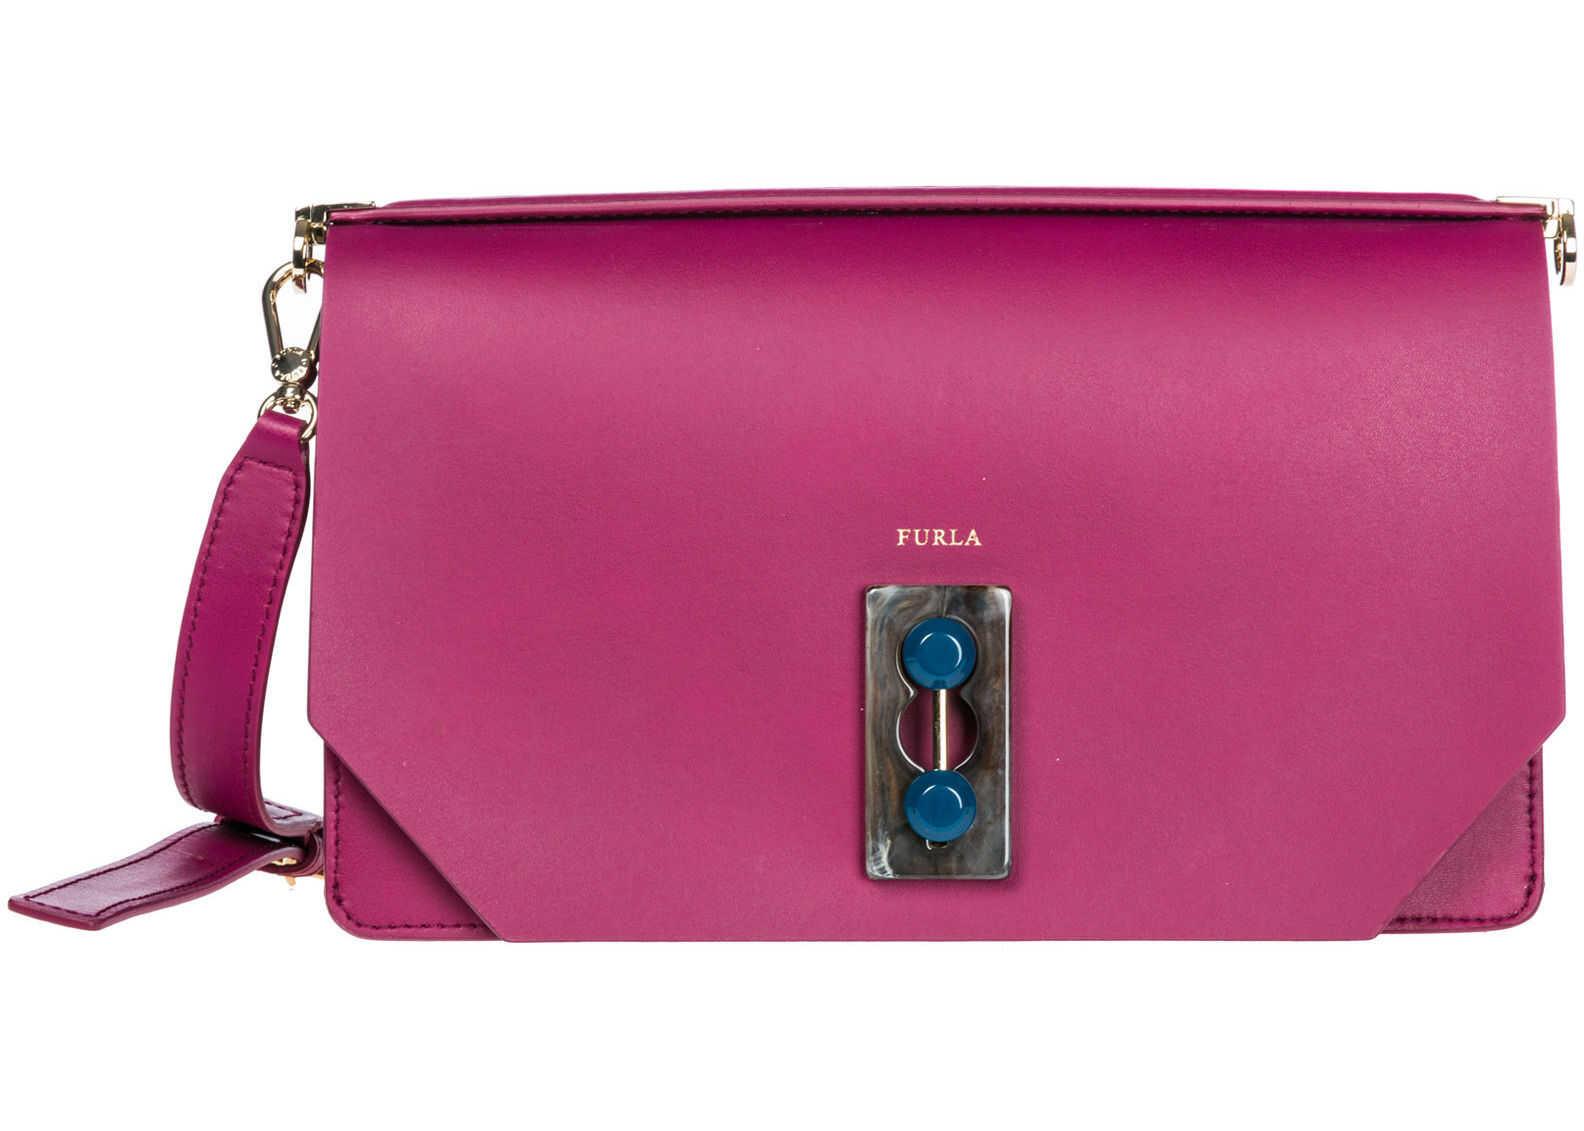 Furla Bag Purse Purple